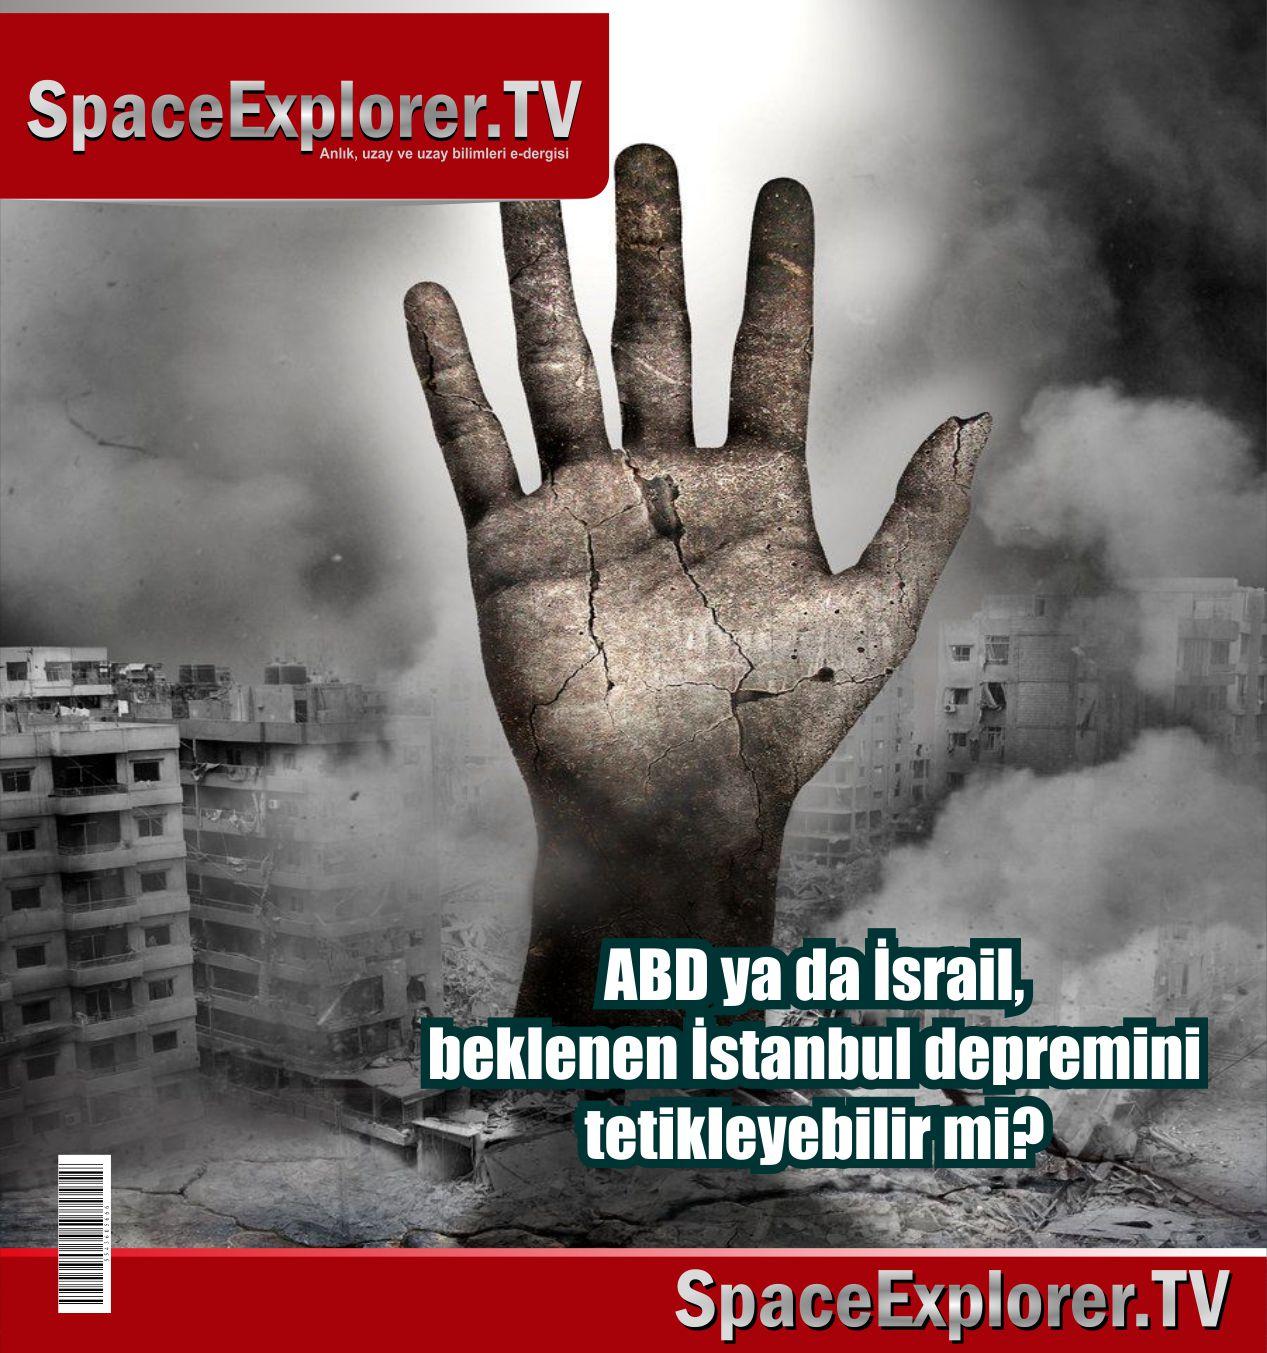 17 Ağustos 1999, Komplo teorileri, Marmara depremi, HAARP, Yapay deprem, Yapay yağış, İklim silahları, Küresel ısınma, Siyonistler, İsrail, ABD, İçimizdeki İsrail,